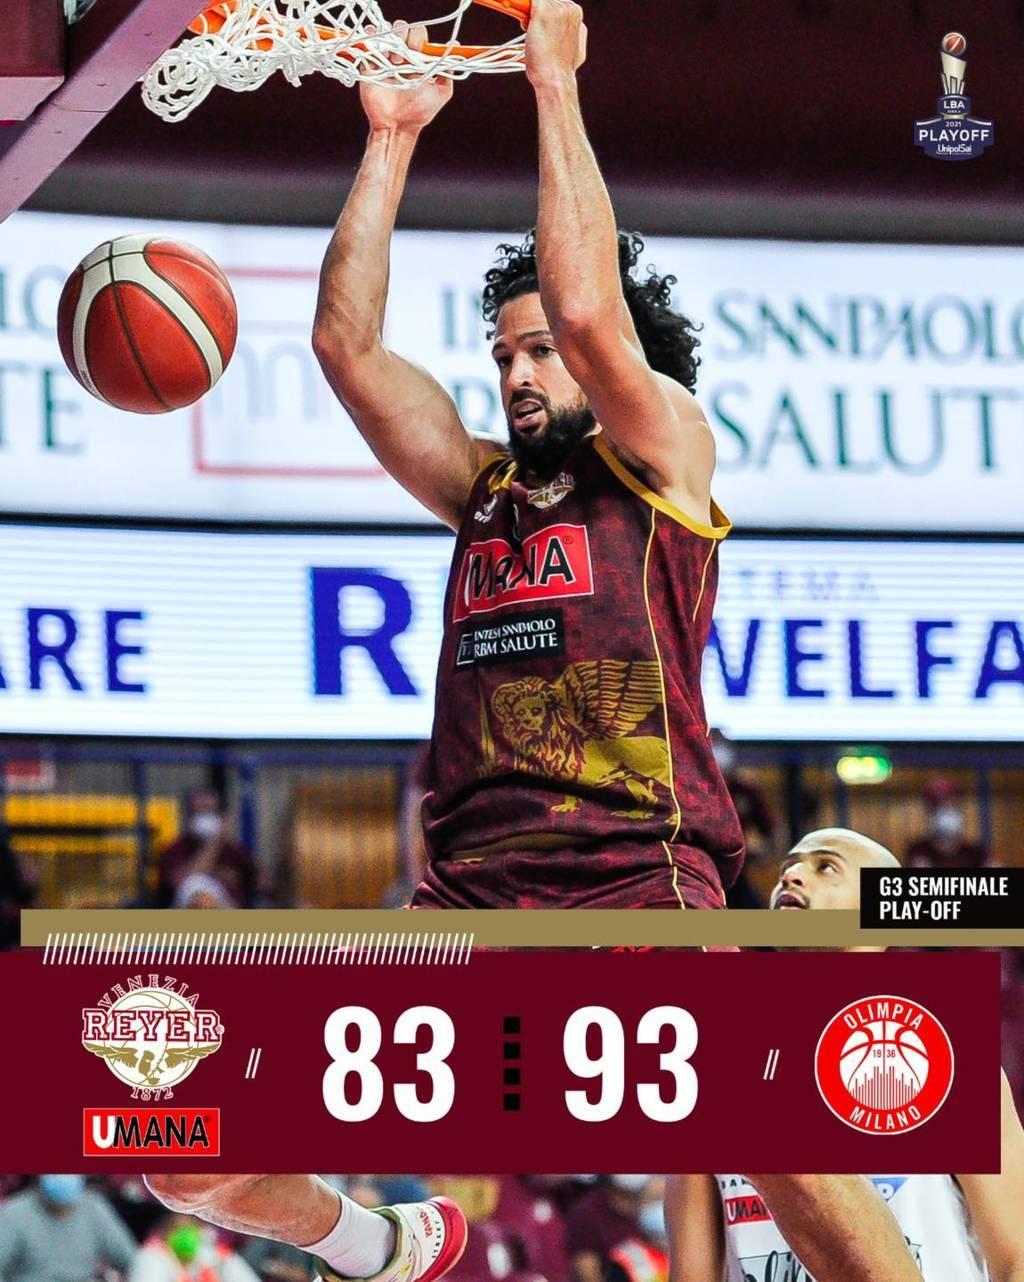 LBA #Gara3 #Playoff #Semifinali 2021: Olimpia Milano, è finale! Con un secondo tempo perfetto regola la Reyer Venezia e chiude la serie 3-0